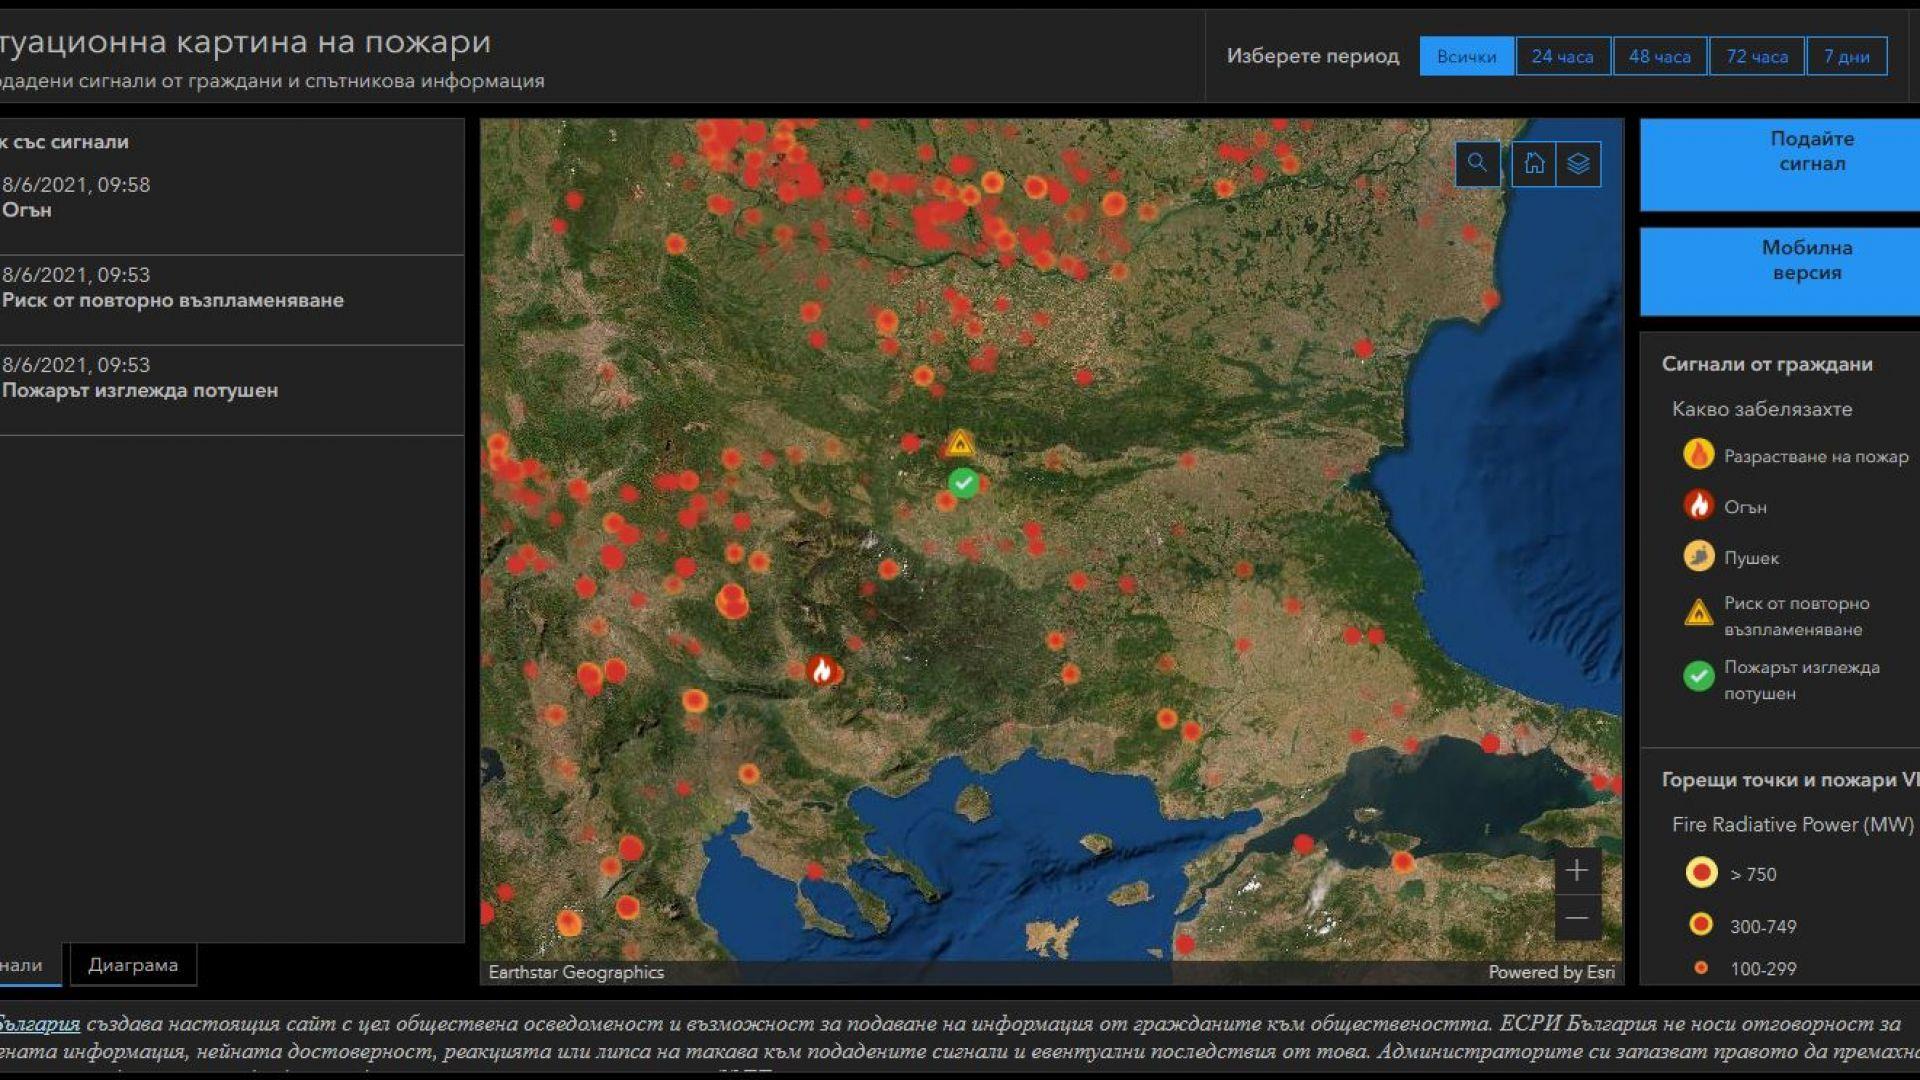 ГИС приложения помагат да следим и сигнализираме за пожари онлайн